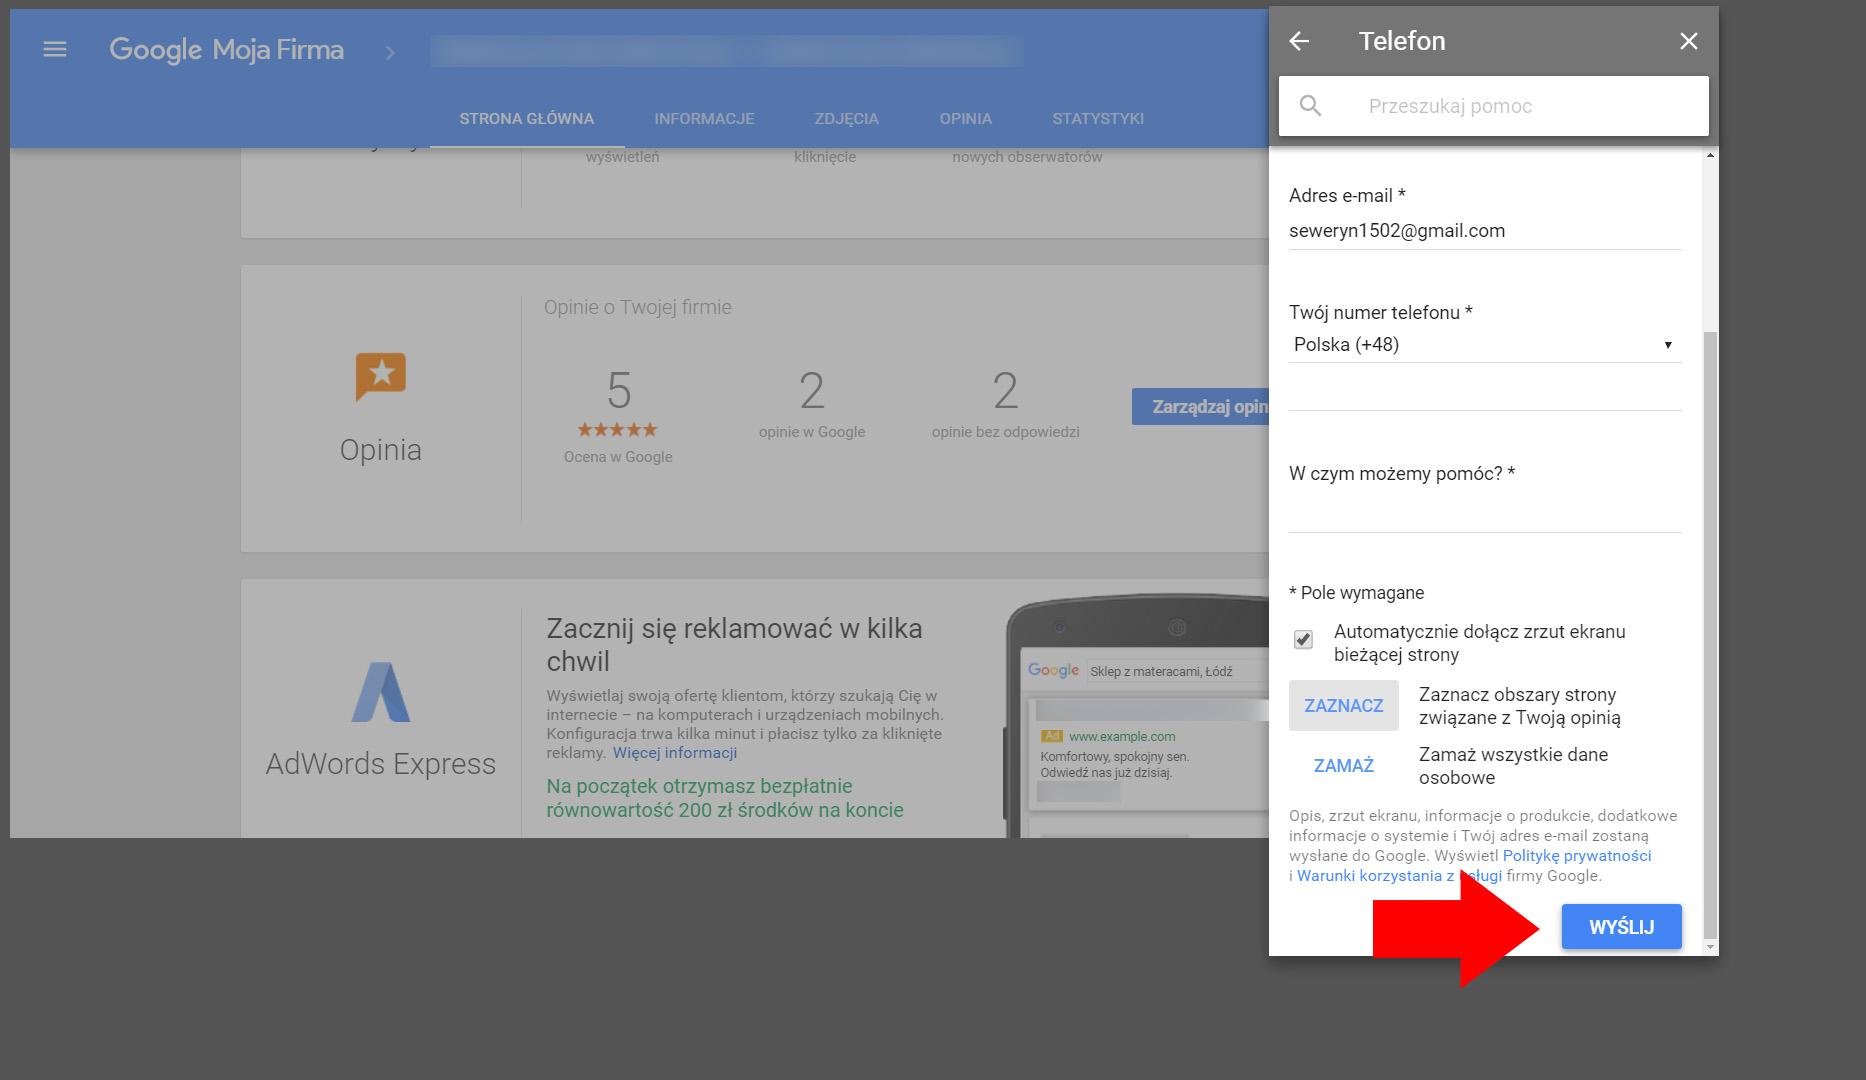 Formularz kontaktu telefonicznego - Google Moja Firma